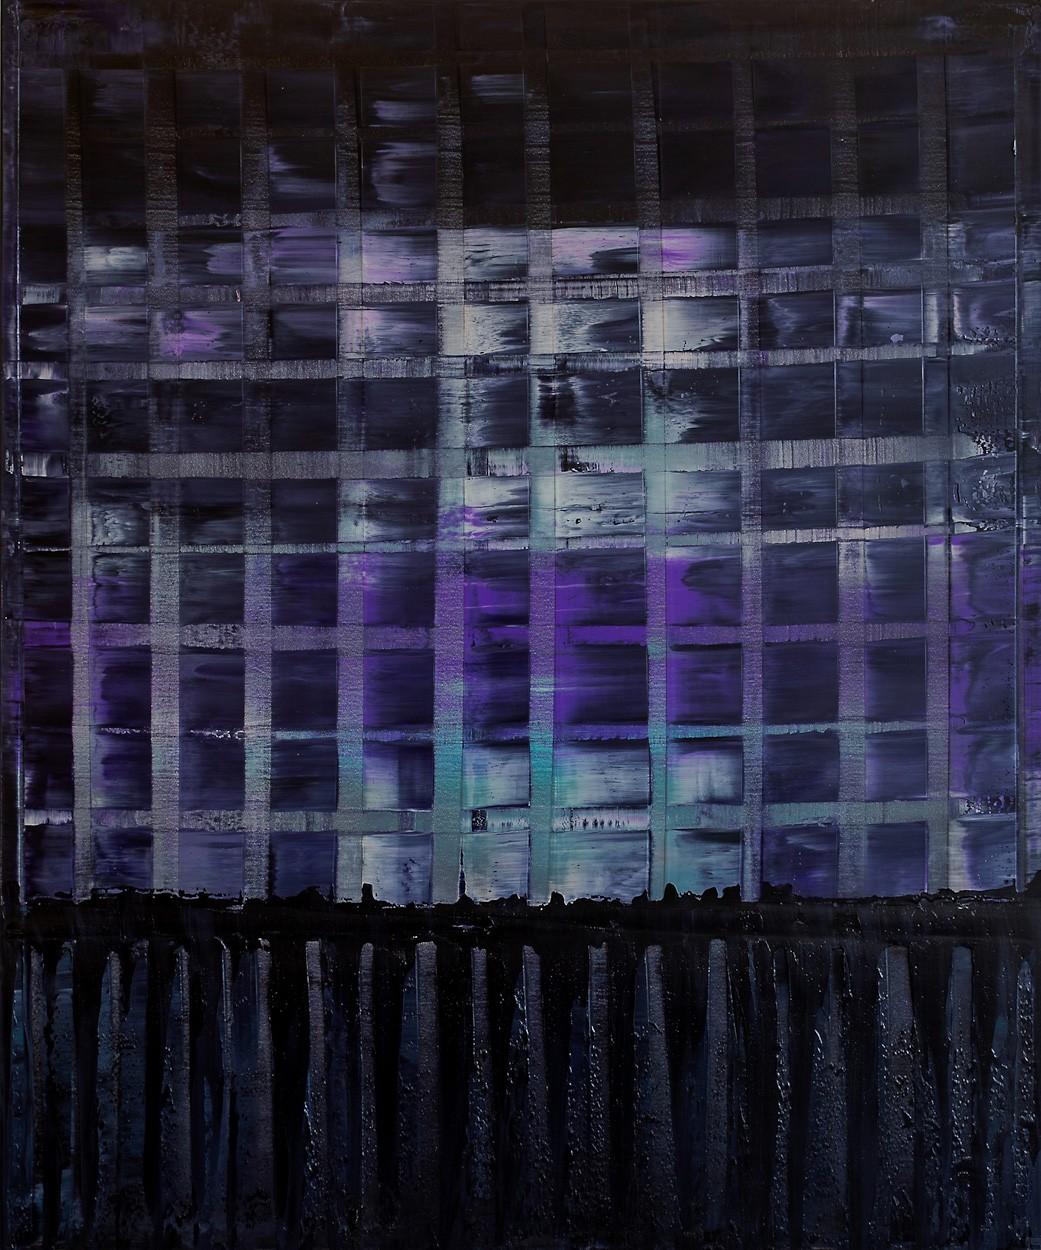 Violette ARMA | Malerei von Lali Torma | Öl auf Leinwand, abstrakt